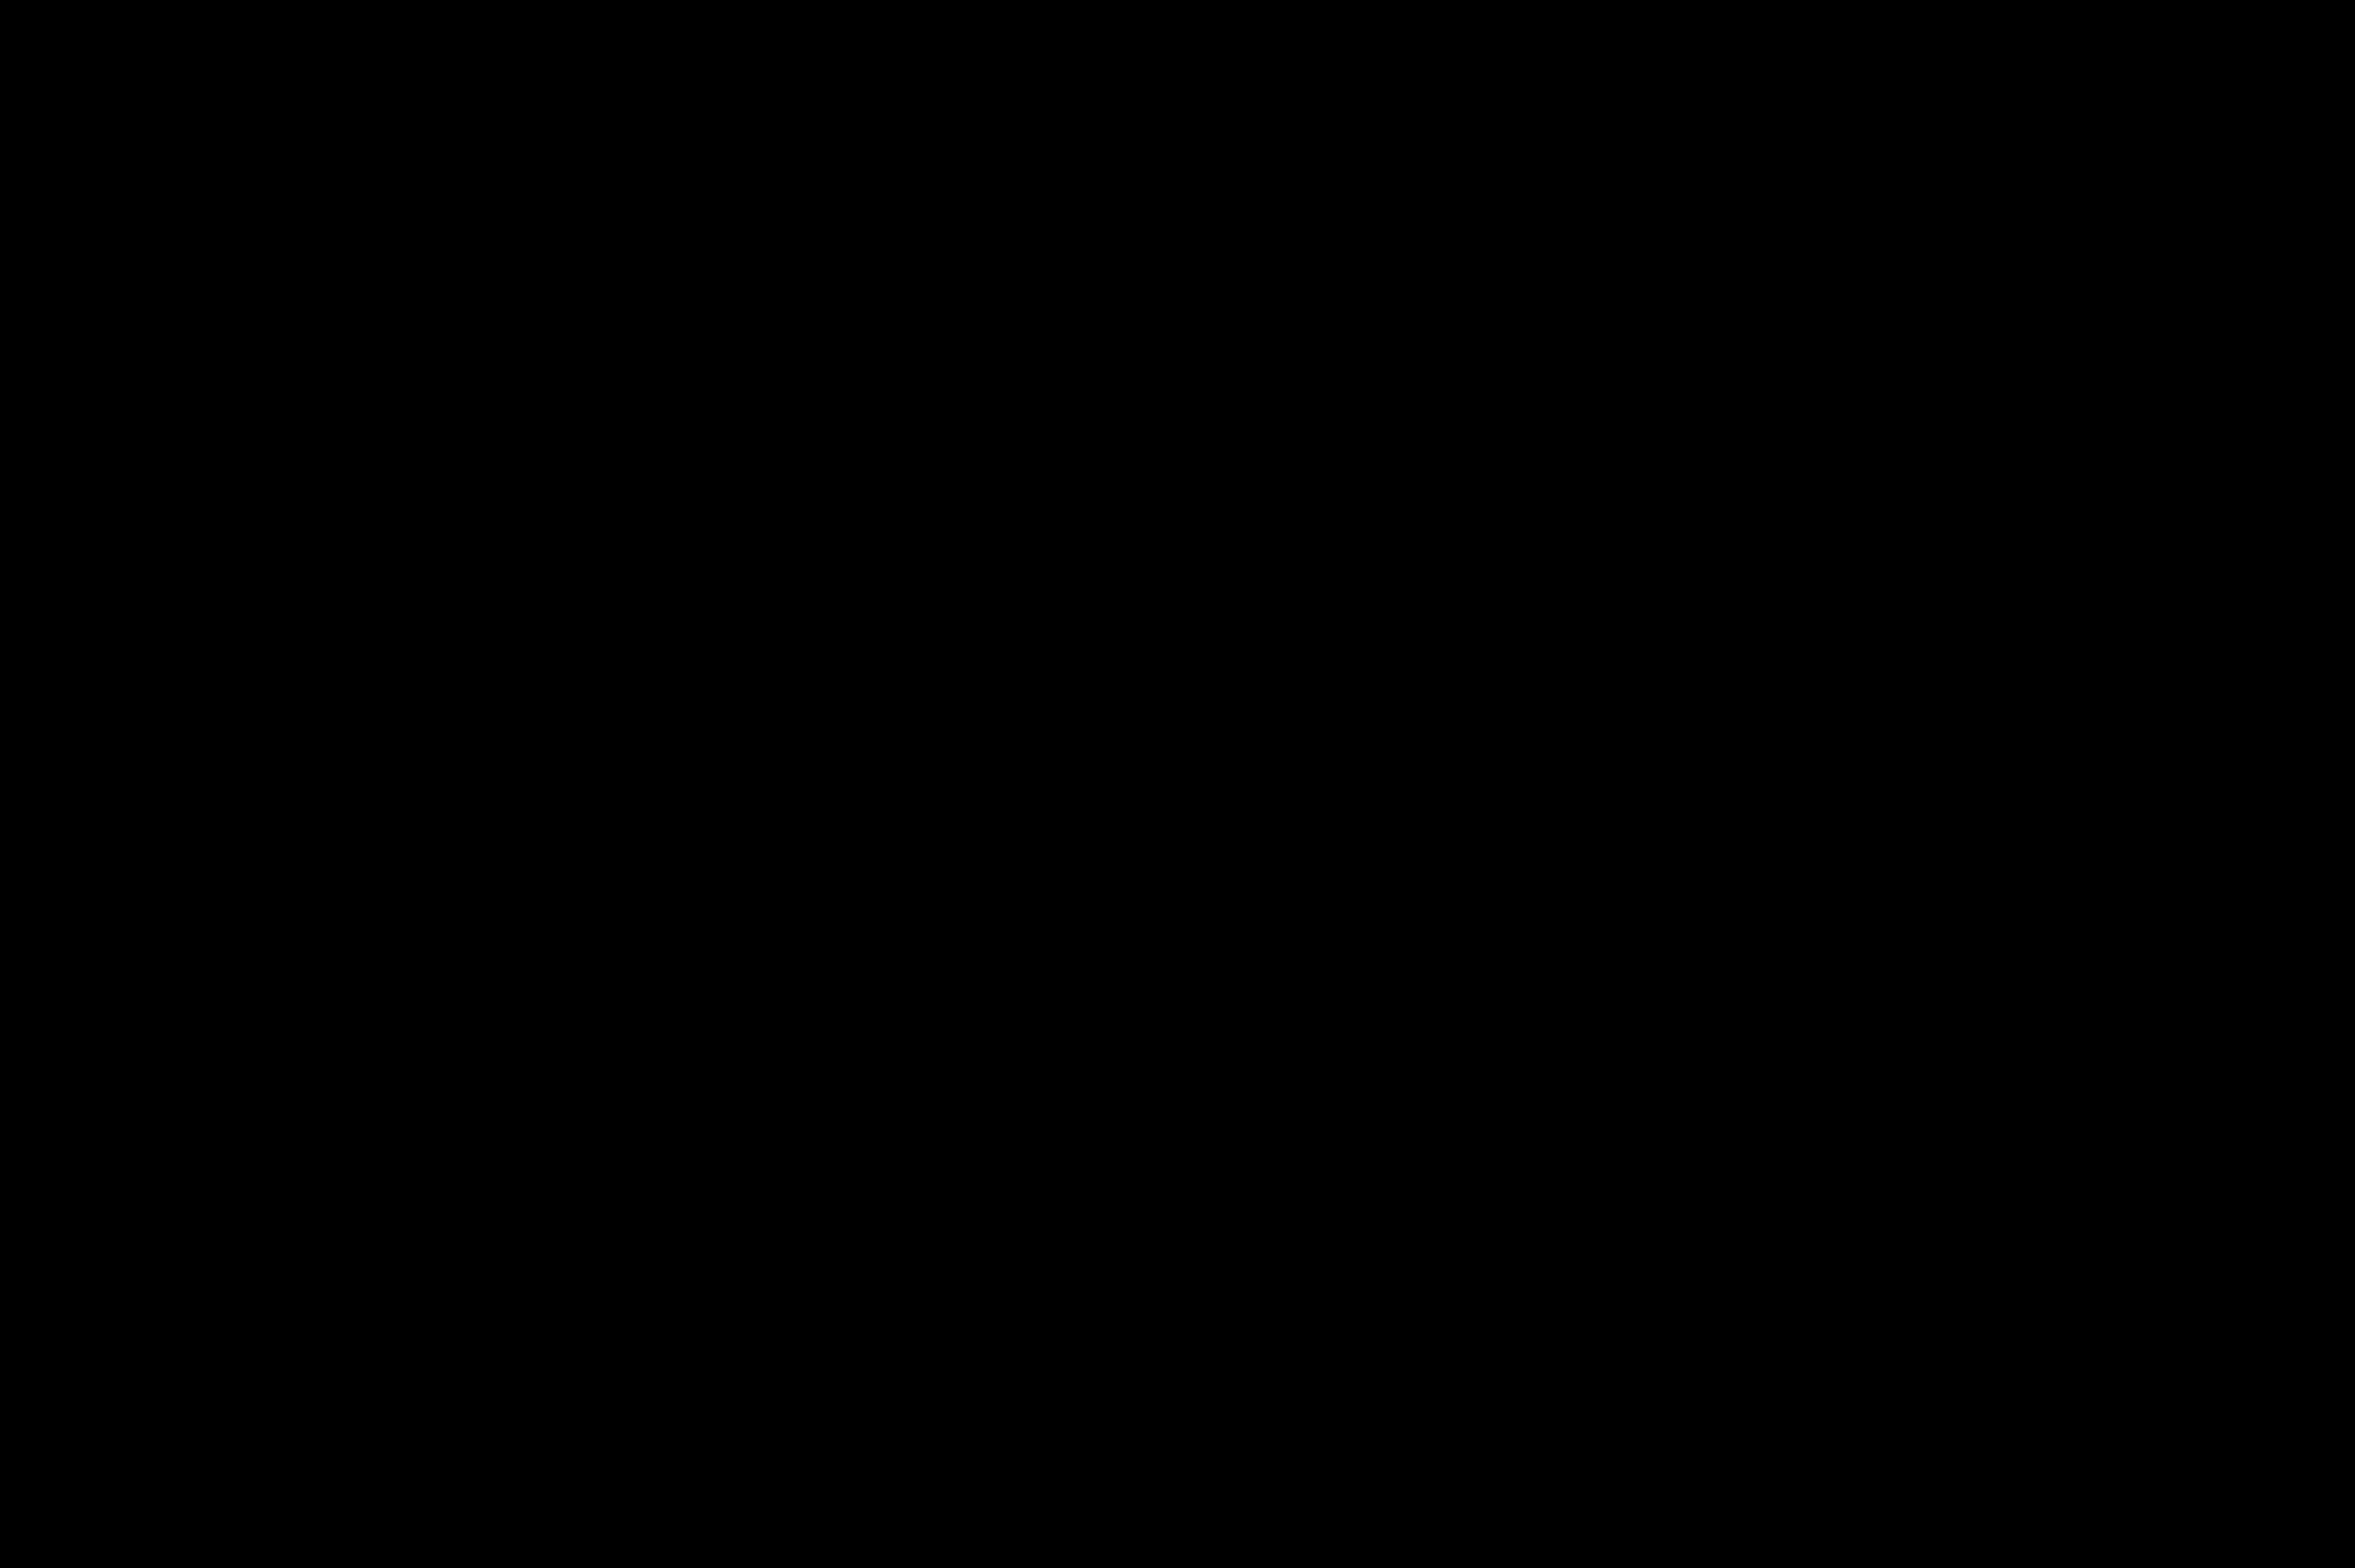 alienbrainreader-2400px